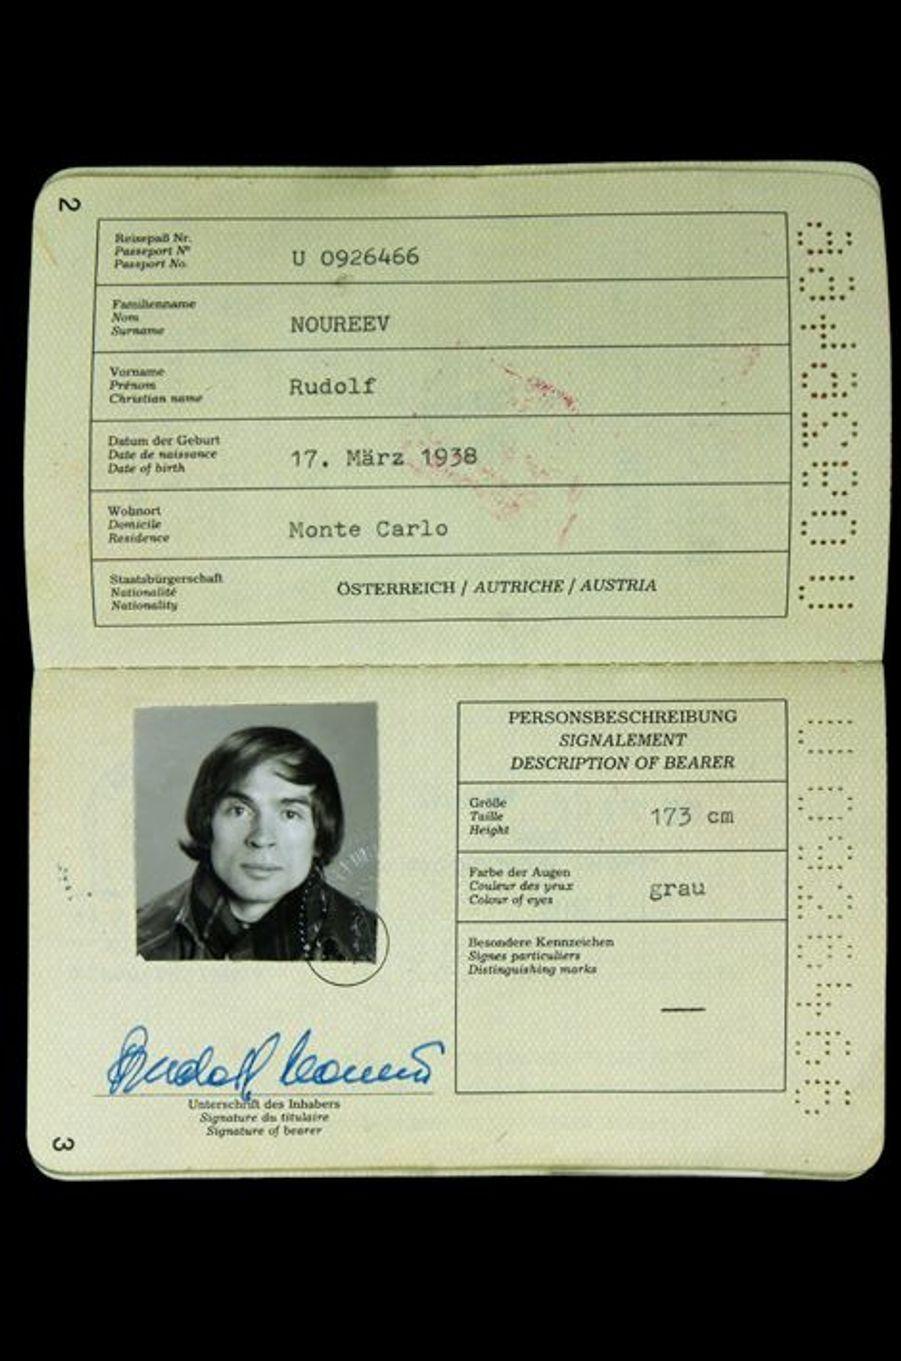 2ème passeport autrichien de Rudolf Noureev, 1989.